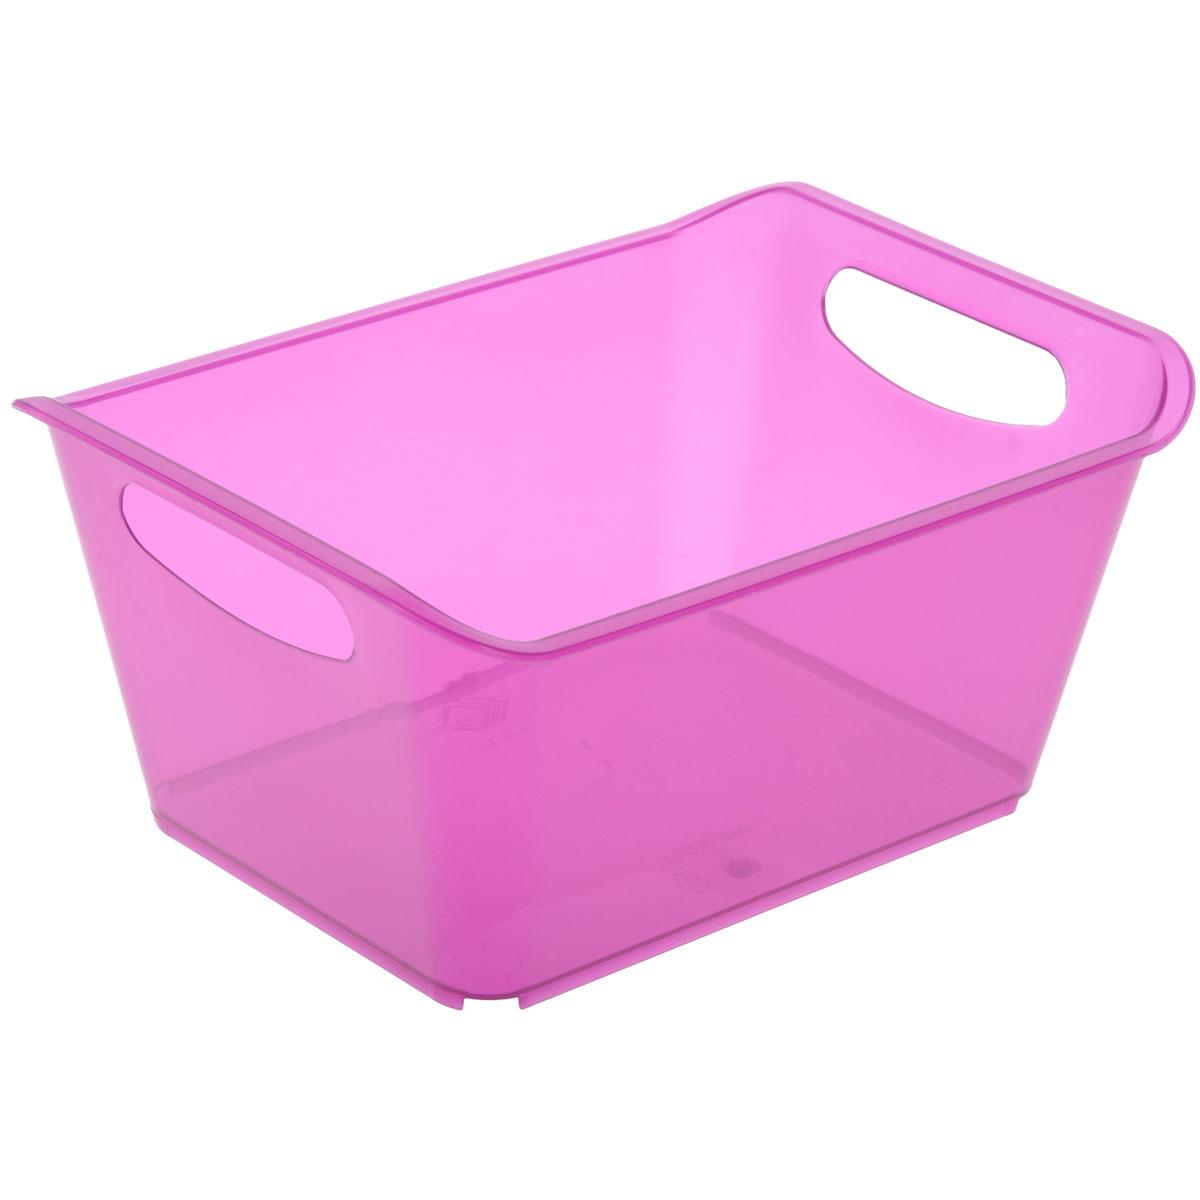 Контейнер Gensini, цвет: сиреневый, 1,5 л3330Контейнер Gensini выполнен из прочного пластика. Он предназначен для хранения различных мелких вещей в ванной, на кухне, даче или гараже, исключая возможность их потери. По бокам контейнера предусмотрены две удобные ручки для его переноски.Контейнер поможет хранить все в одном месте, а также защитить вещи от пыли, грязи и влаги. Объем: 1,5 л.